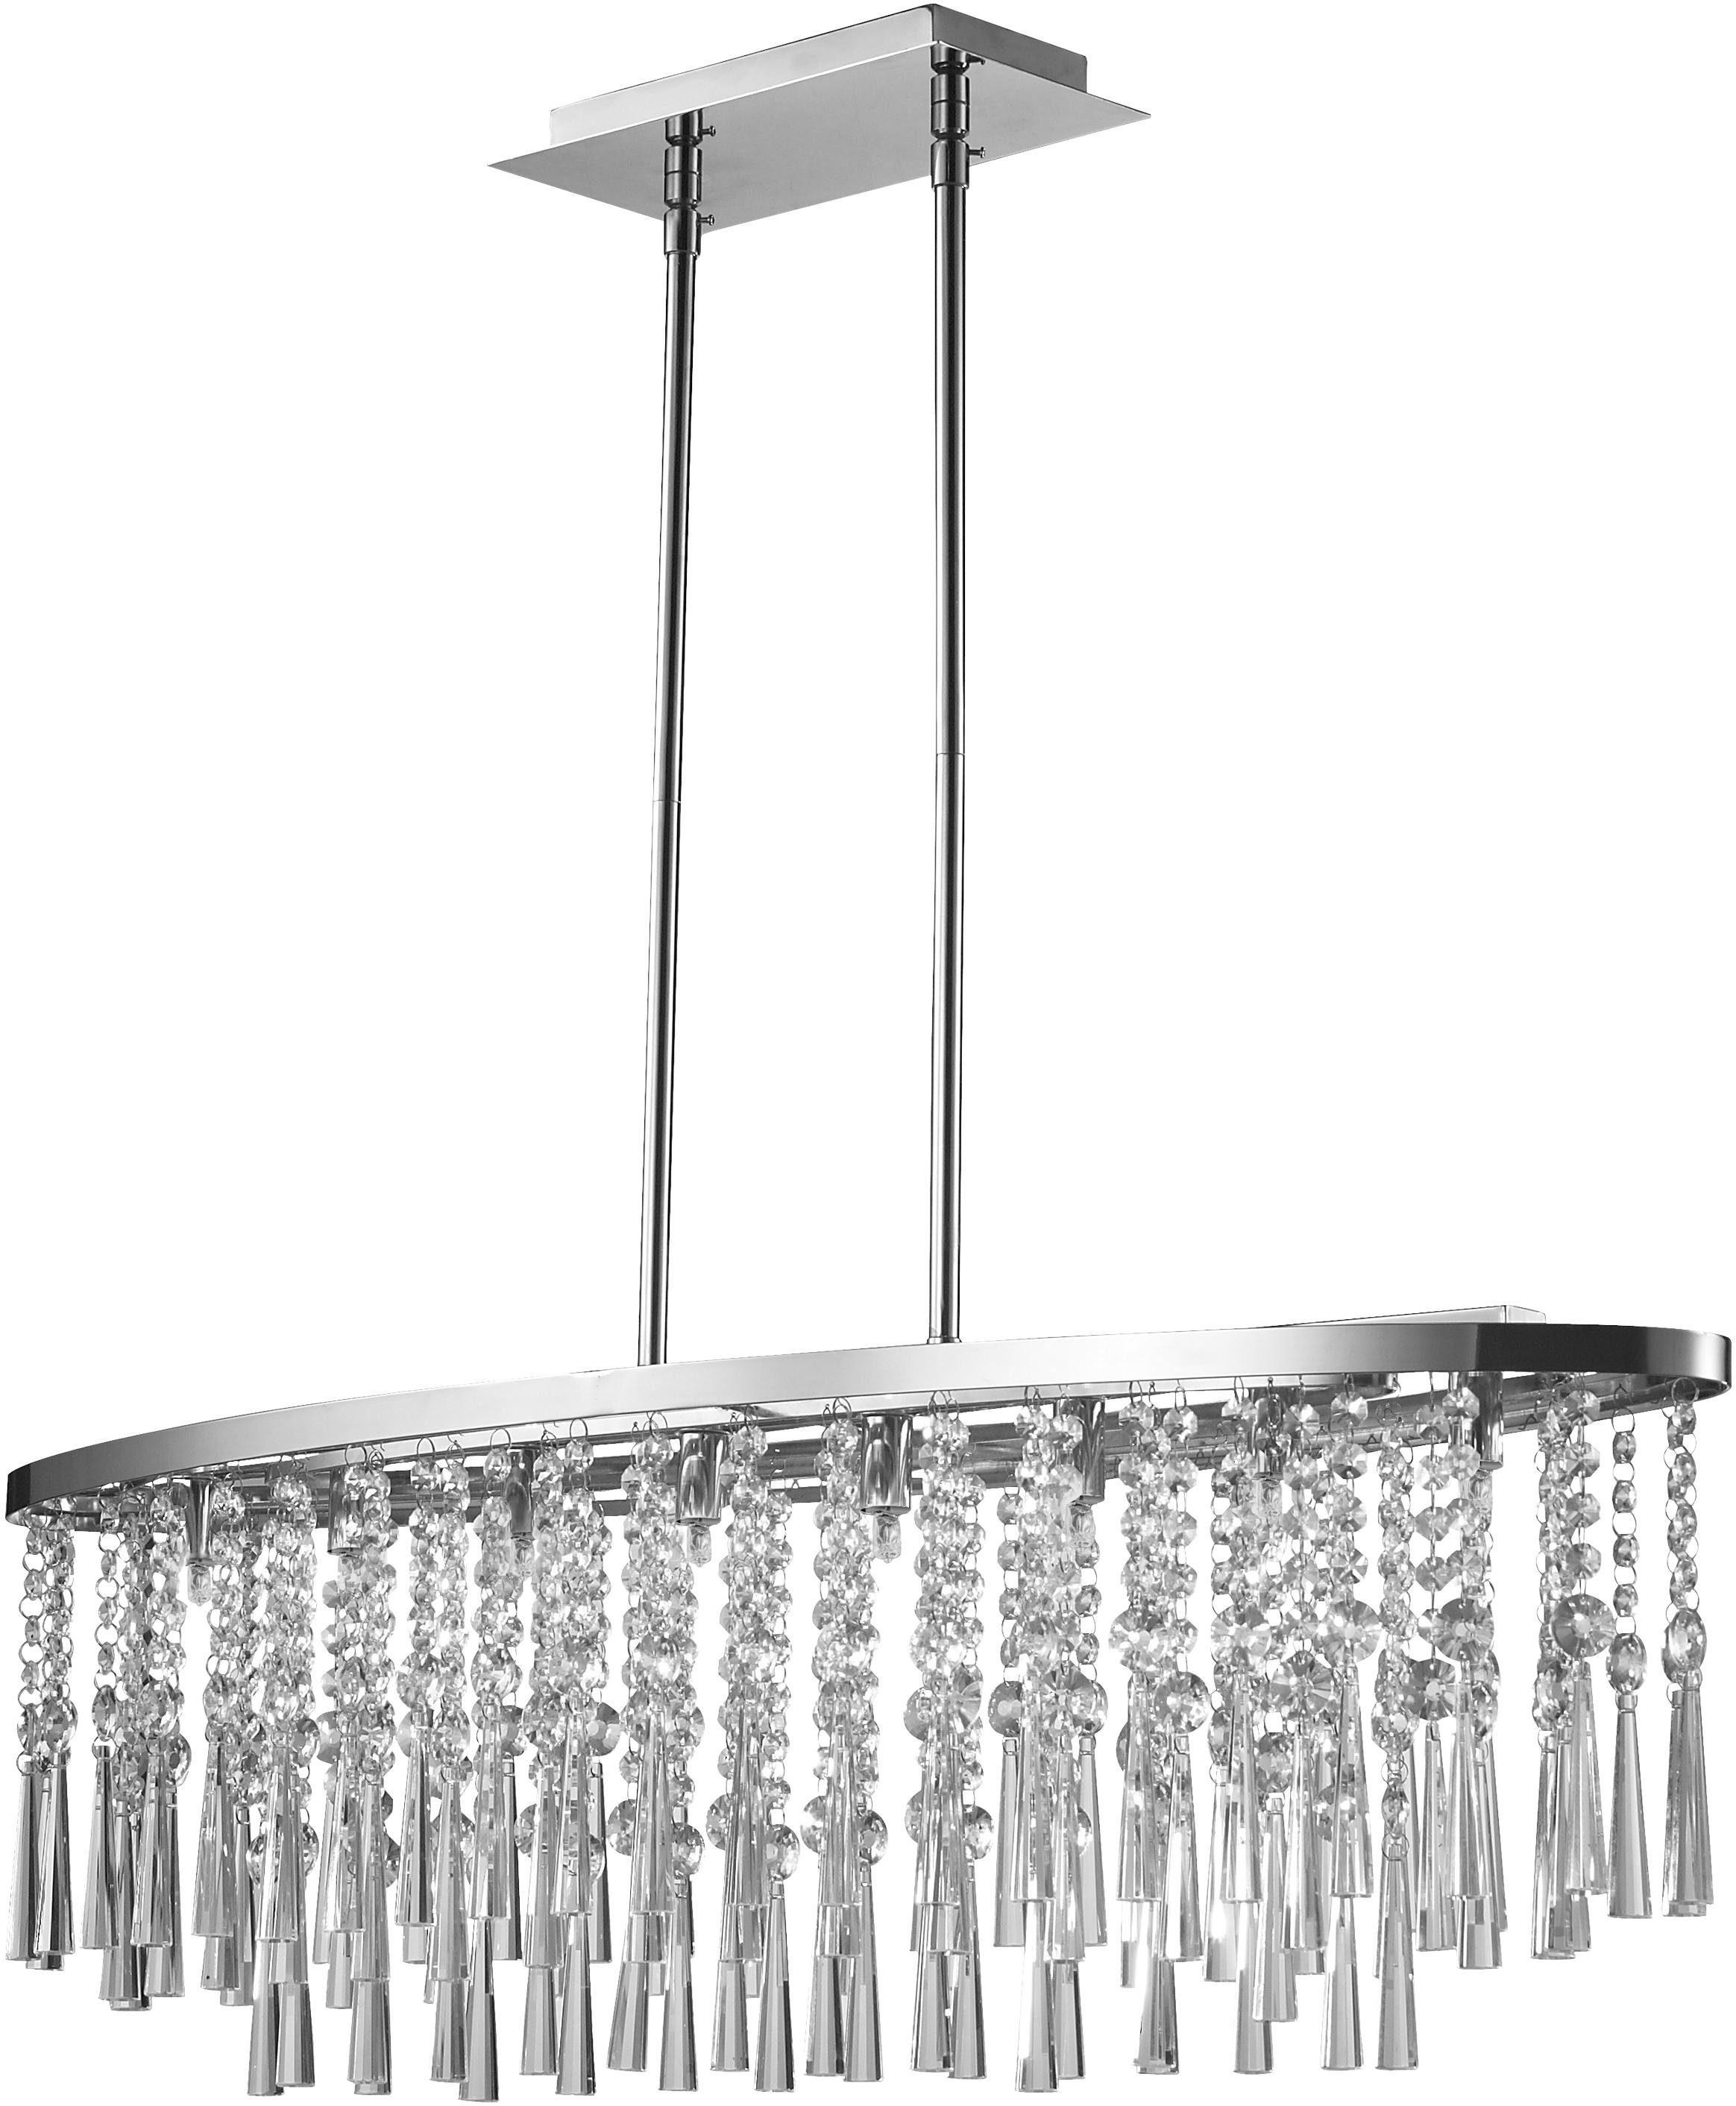 SPOT Light Pendelleuchte LUXORIA, G9, Warmweiß, Hängeleuchte, Hochwertige Leuchte mit echtem Kristallen, LED-Leuchtmittel inklusive, Zeitlos und elegant.